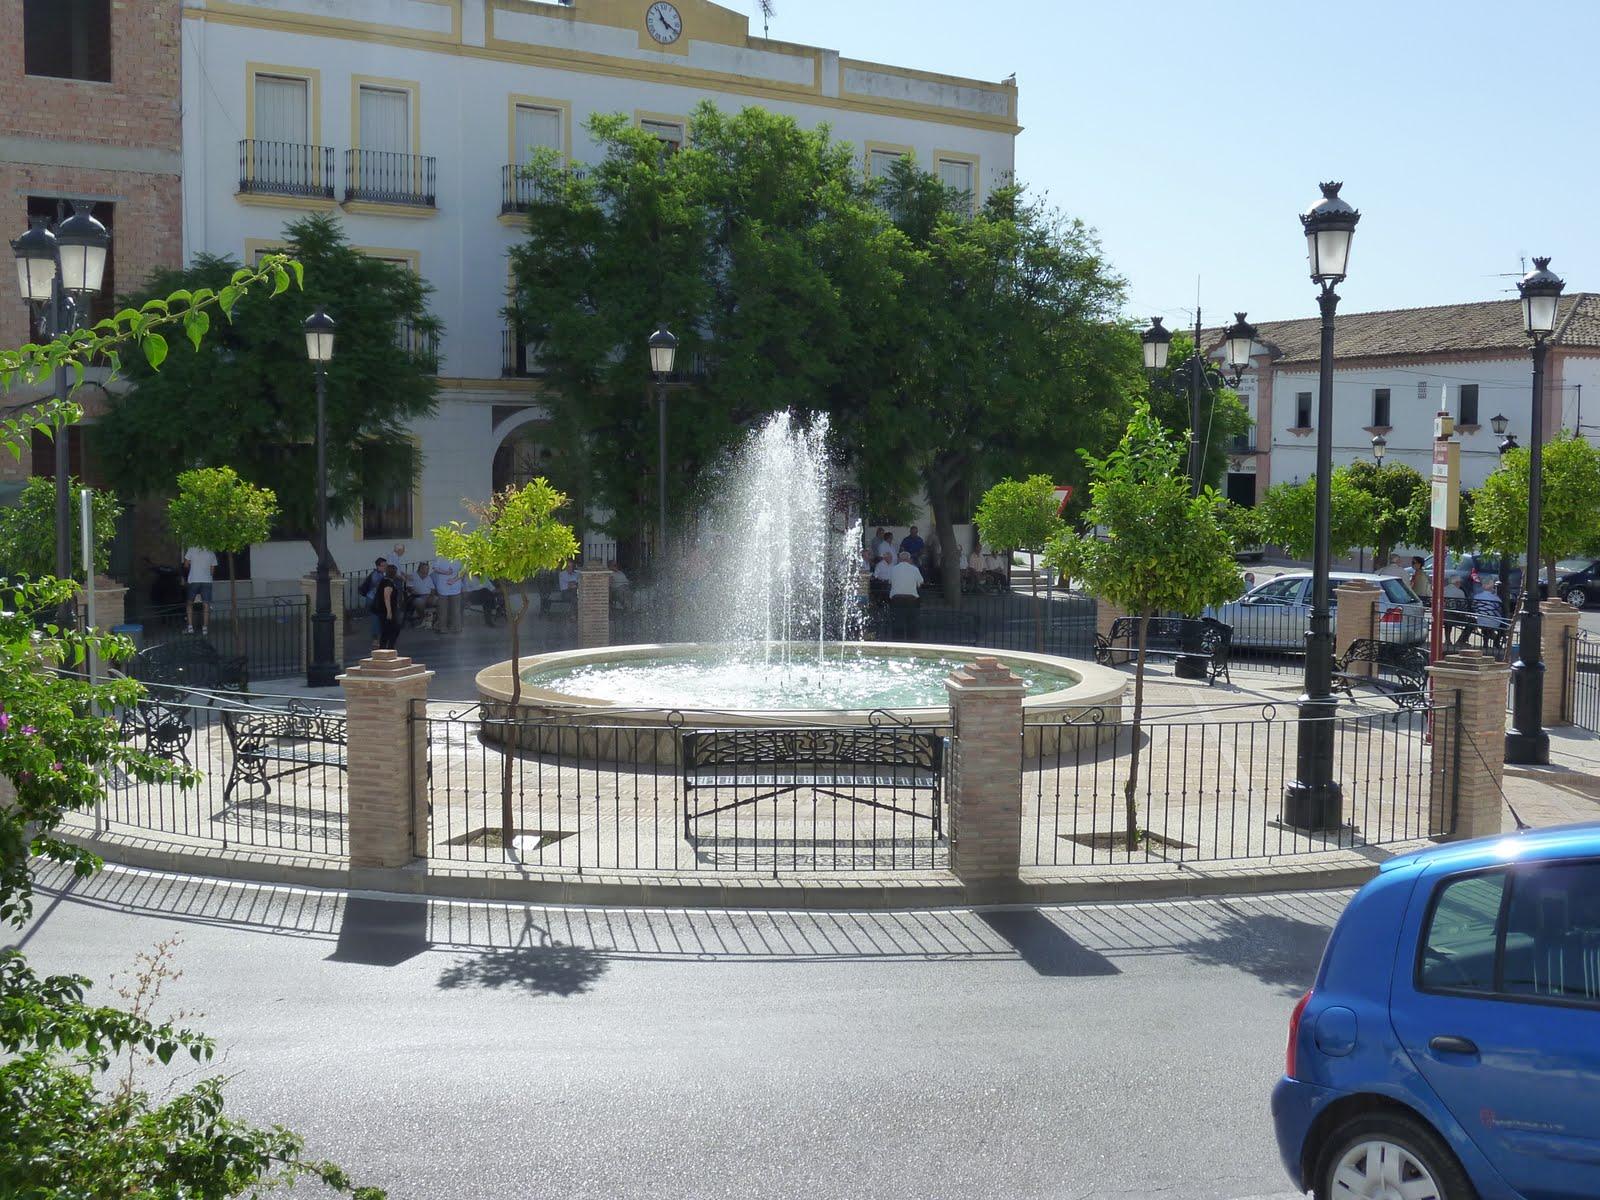 Plaza De La Concordia olvera diary: plaza de la concordia